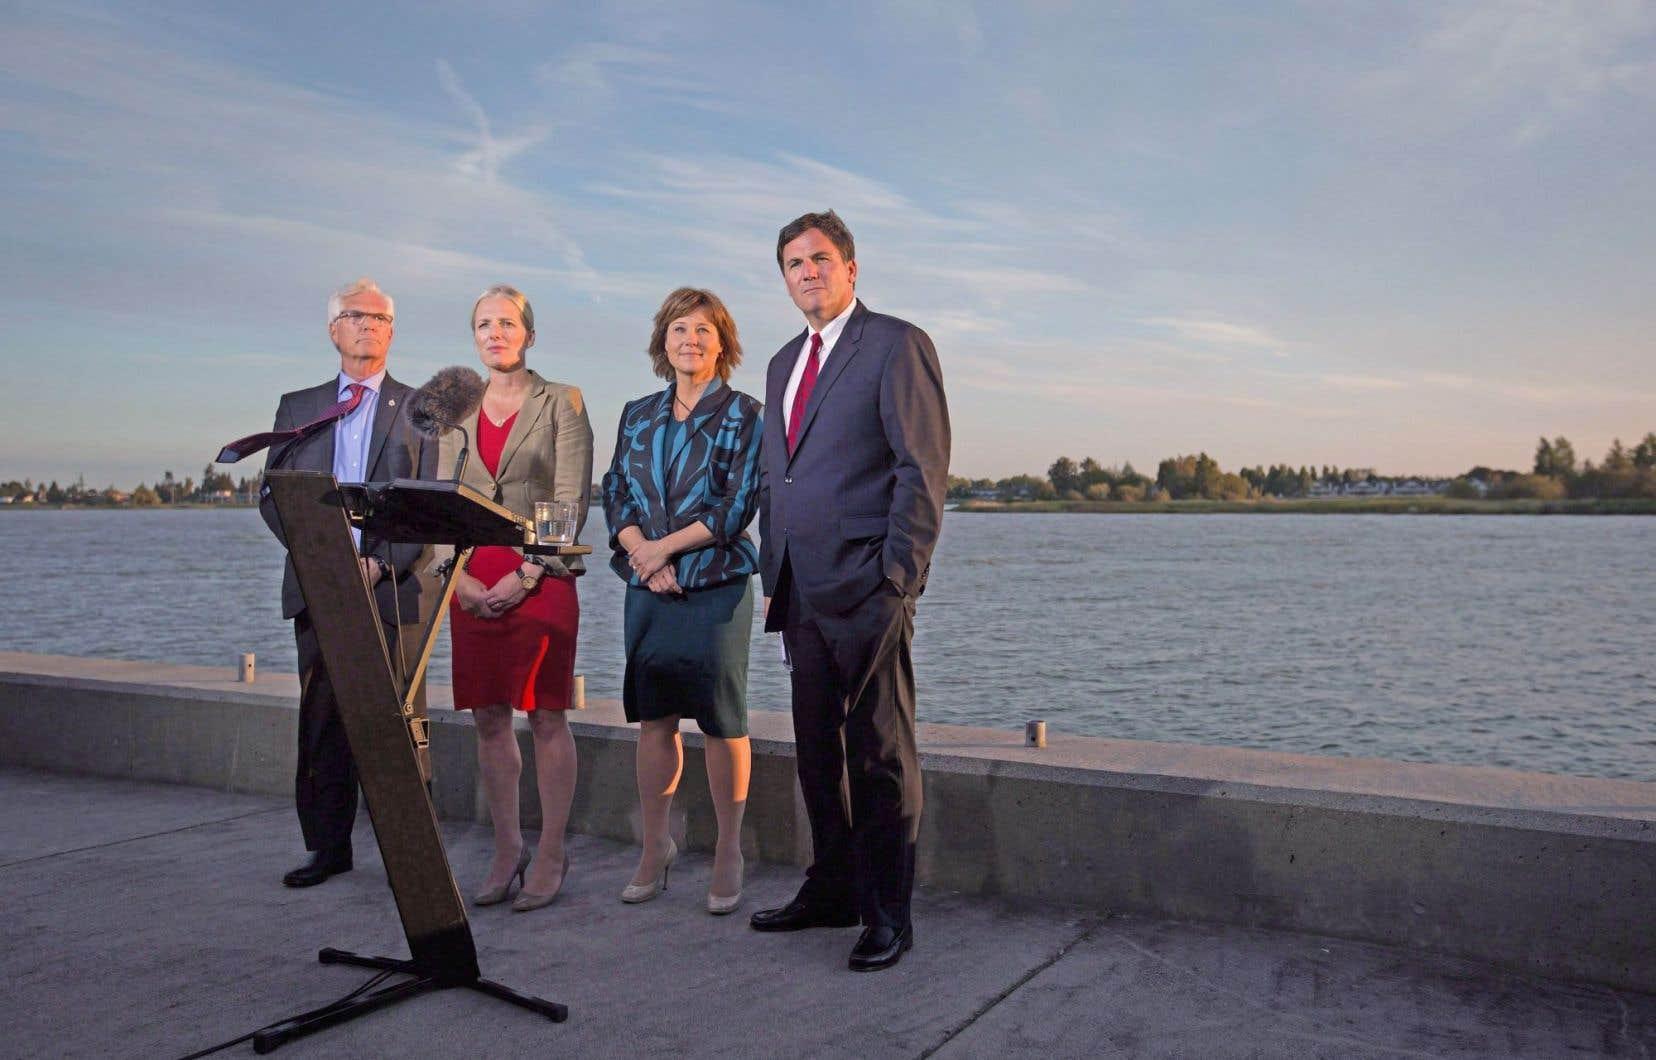 Le gouvernement Trudeau (ci-dessus les ministres Jim Carr, Catherine McKenna, Dominic LeBlanc, en compagnie de la première ministre de Colombie-Britannique, Christy Clark) a approuvé en septembre le projet d'exportation de gaz de schiste.